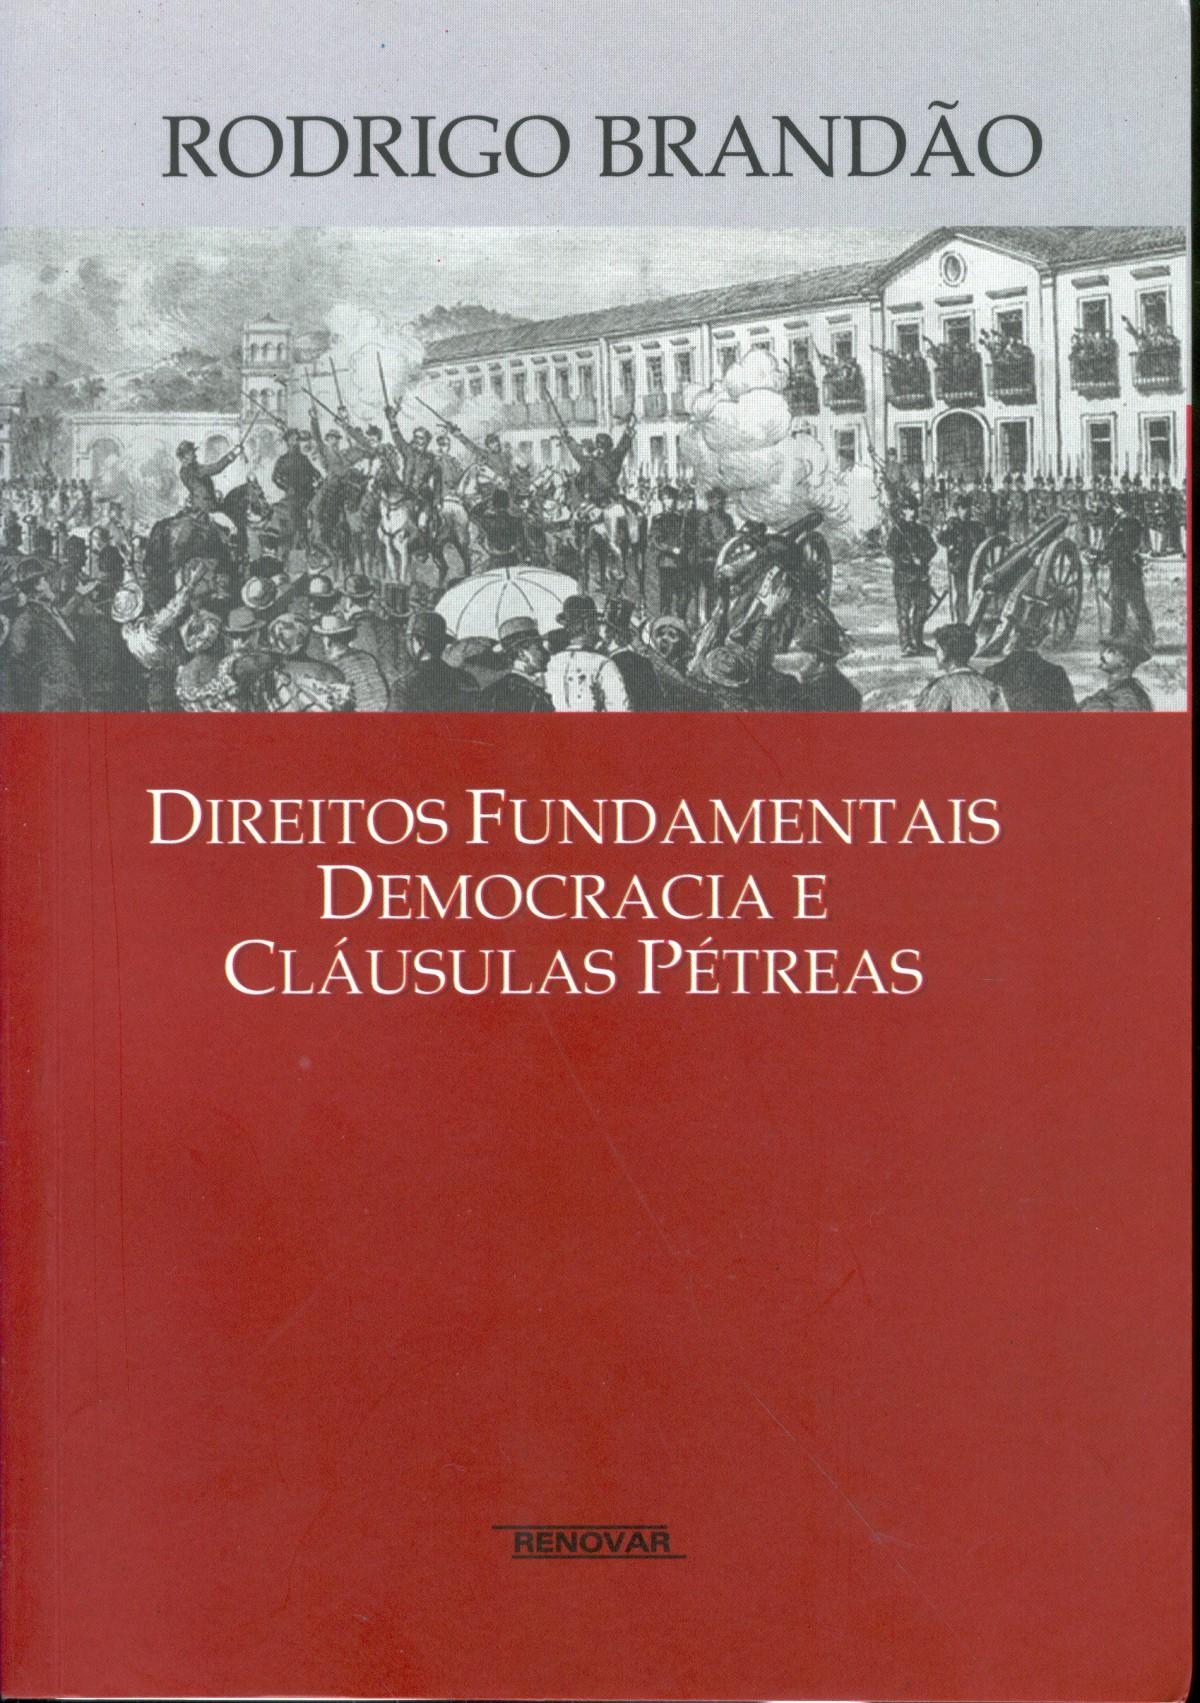 Foto 1 - Direitos Fundamentais Democracia e Cláusulas Pétreas